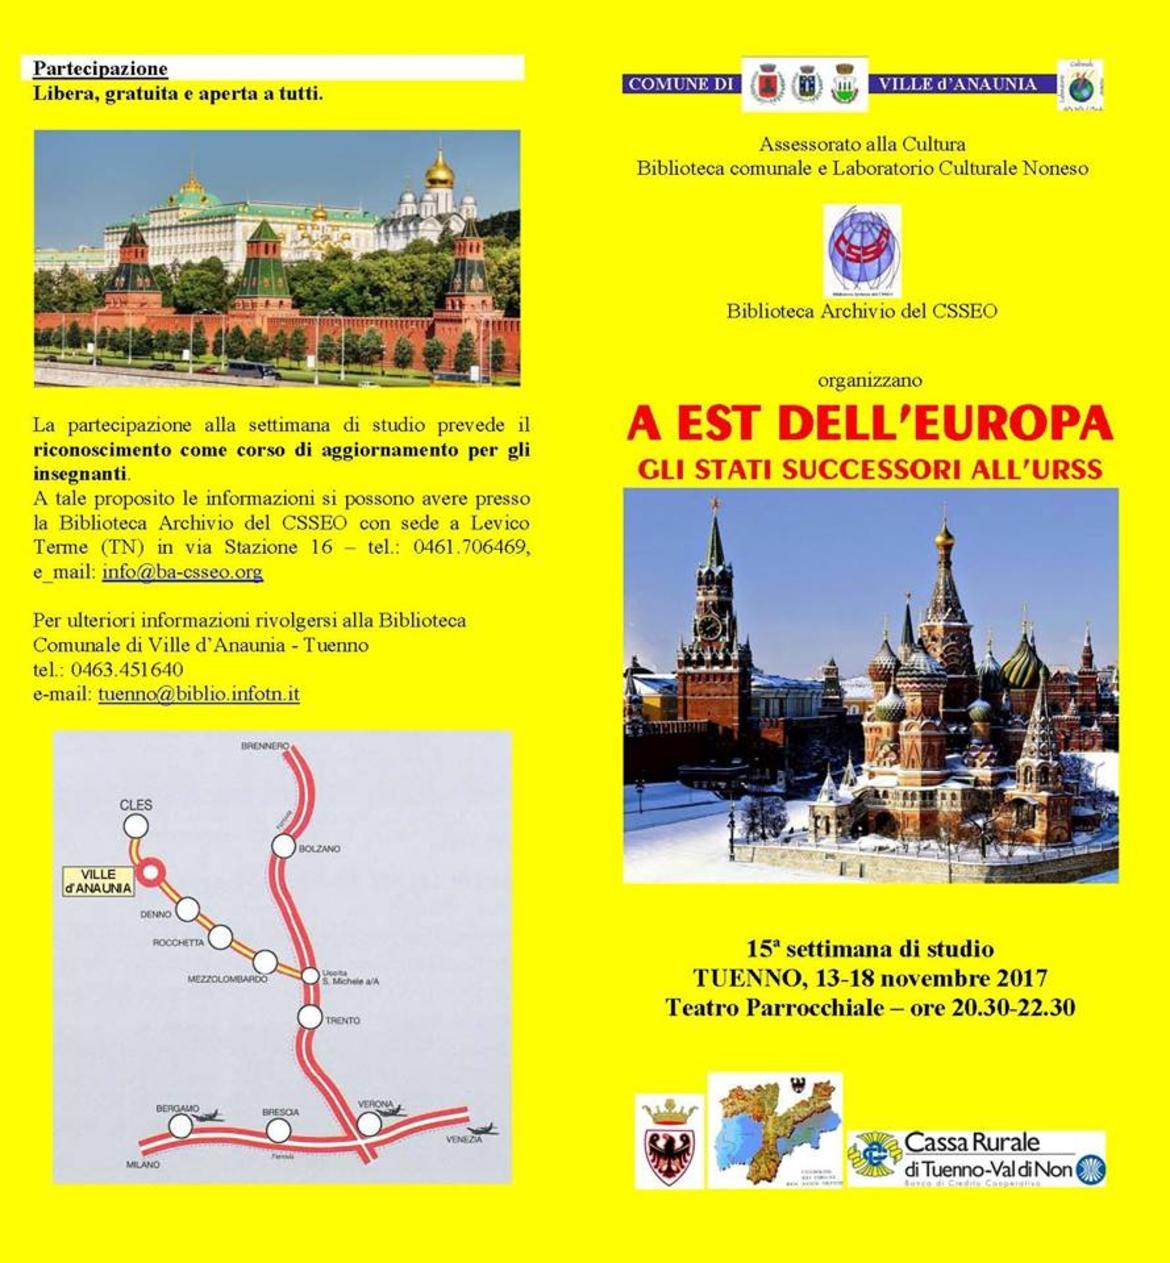 Miglior sito di incontri Europa orientale